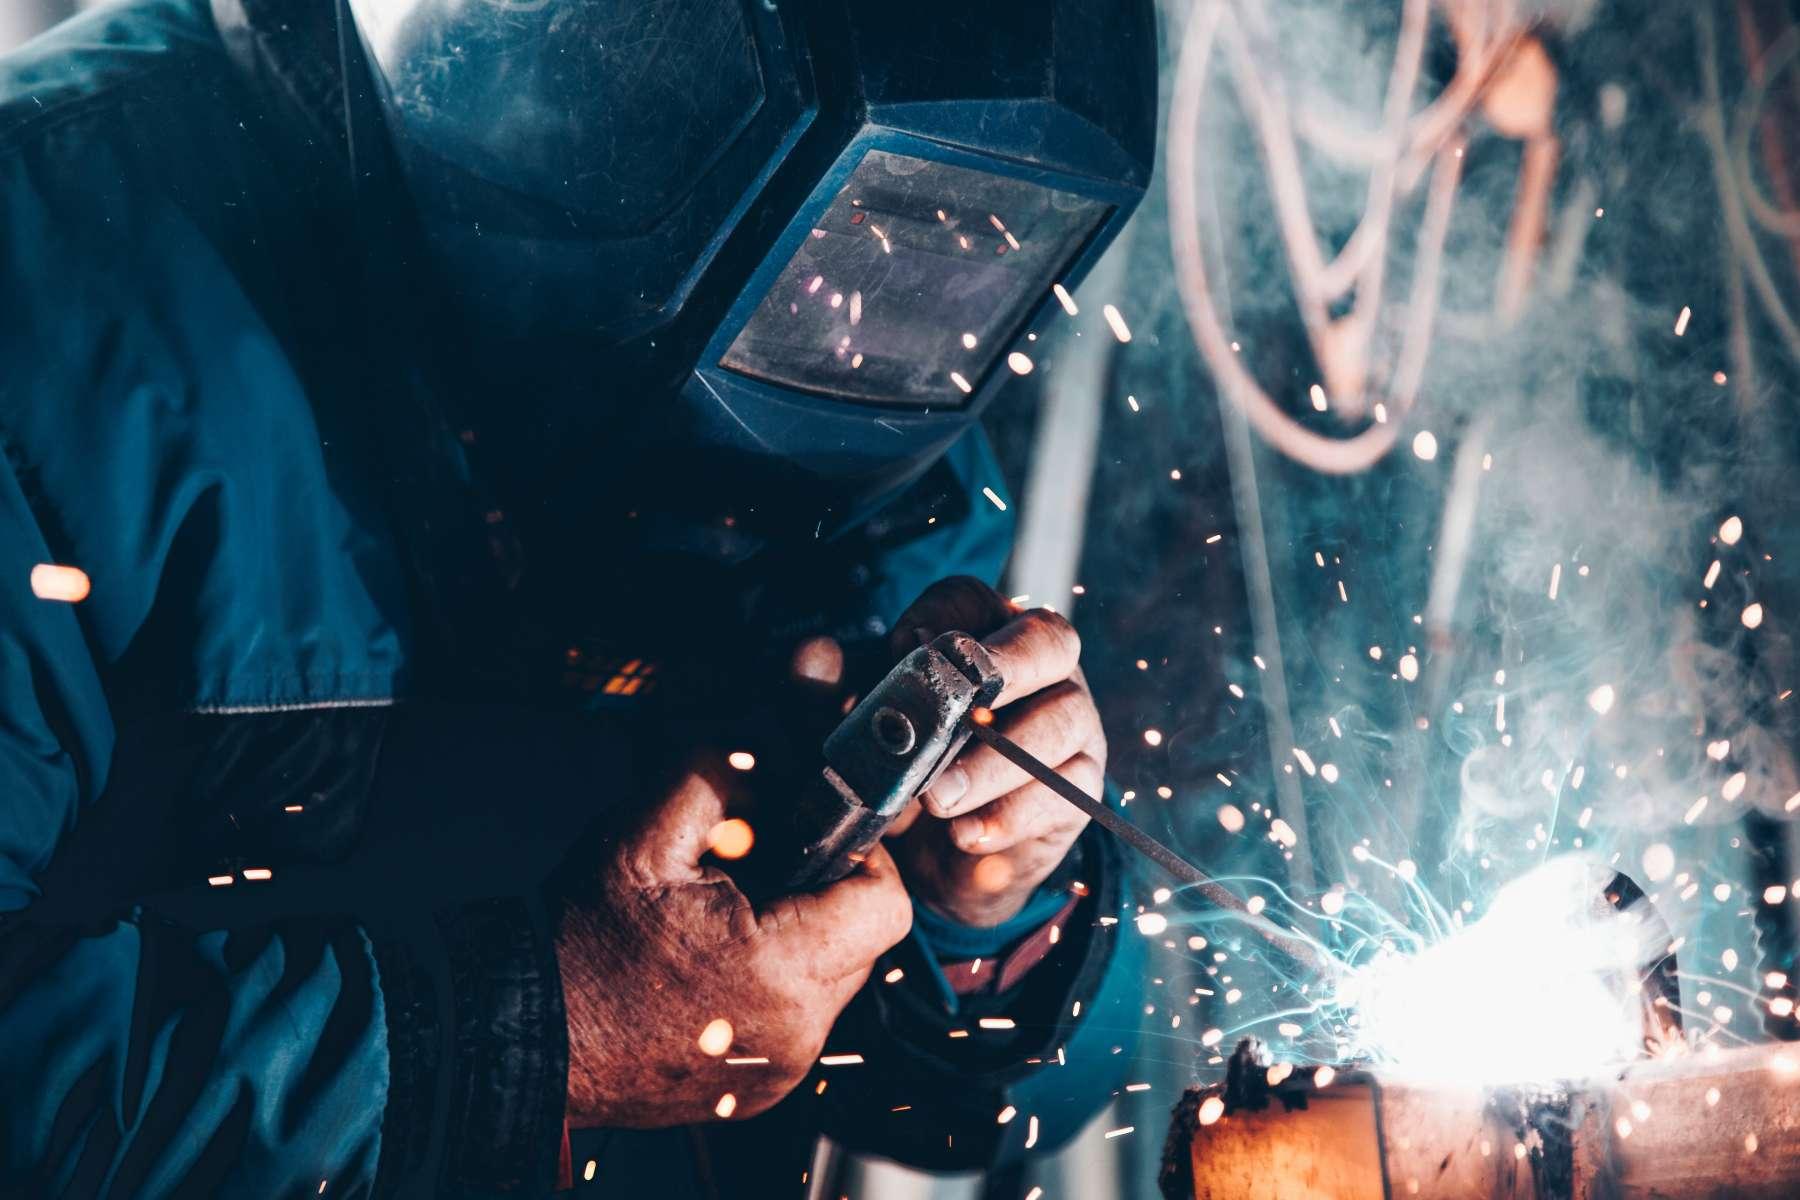 La mesure Zéro cotisation plébiscitée par les indépendants et PME